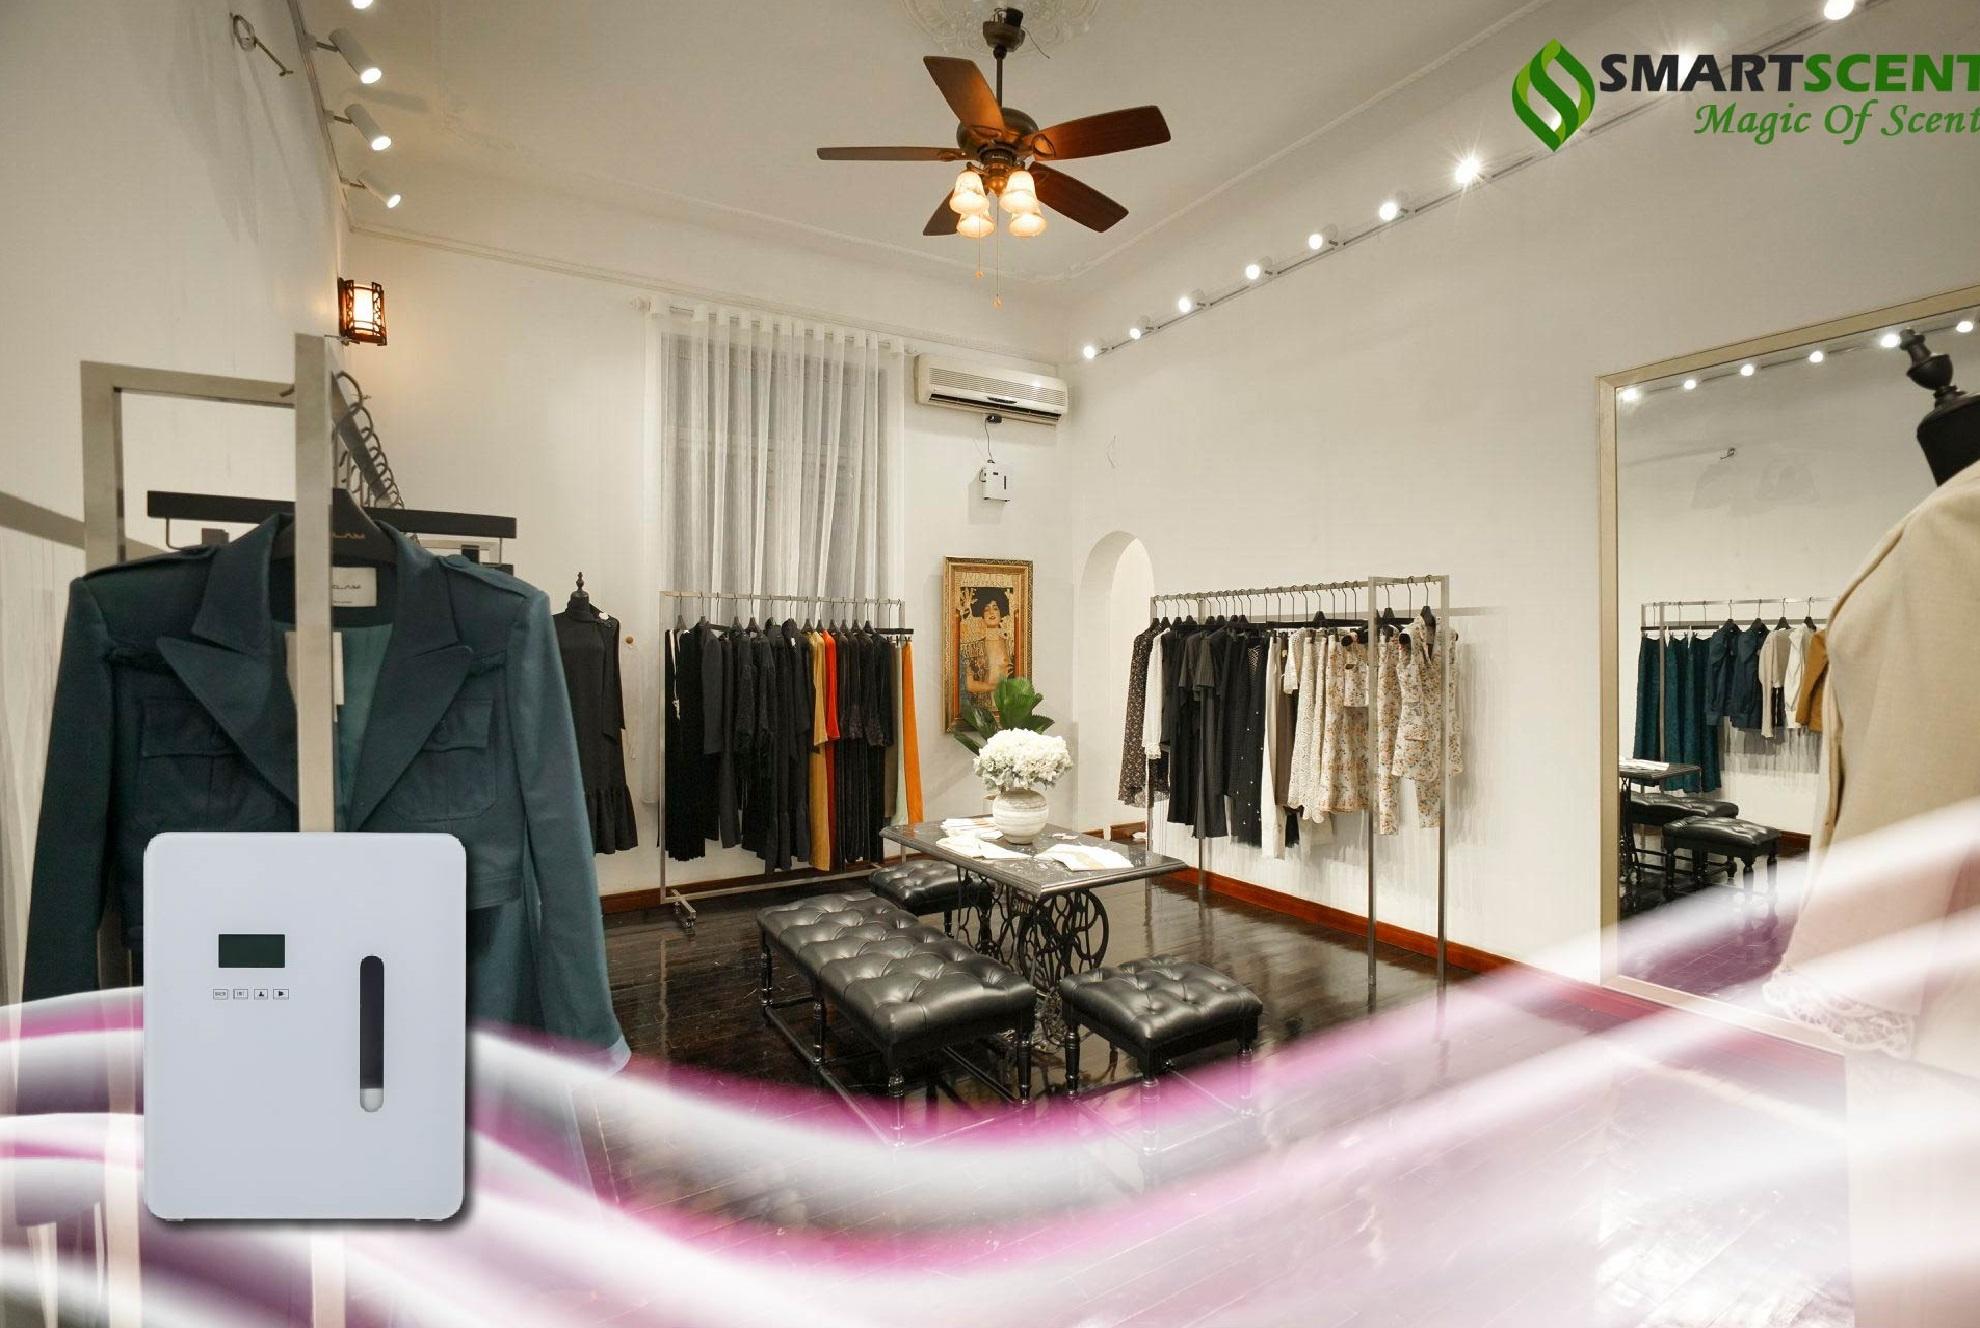 SmartScent SS-100 là sự lựa chọn hoàn hảo cho gia đình, cửa hàng,...